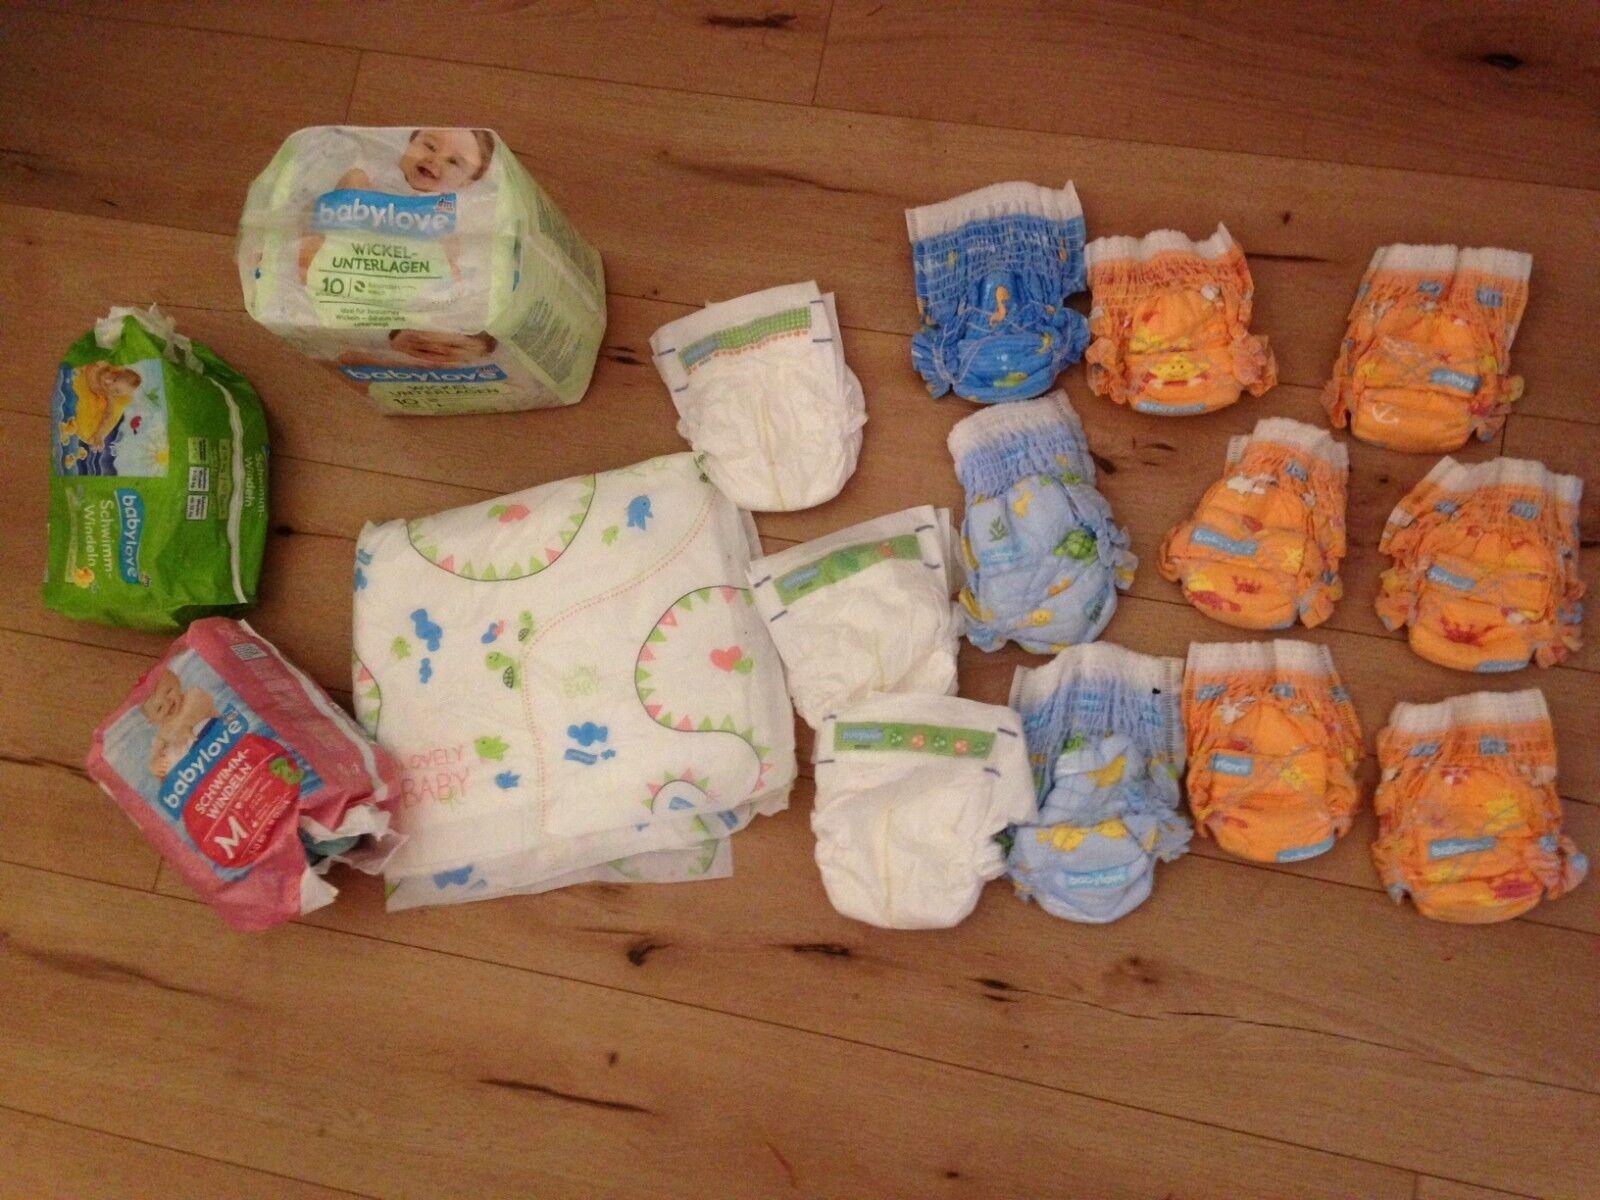 Paket Windeln Windelpaket Schwimmwindel Wickelunterlage neu BabyLove DM Gr. S M